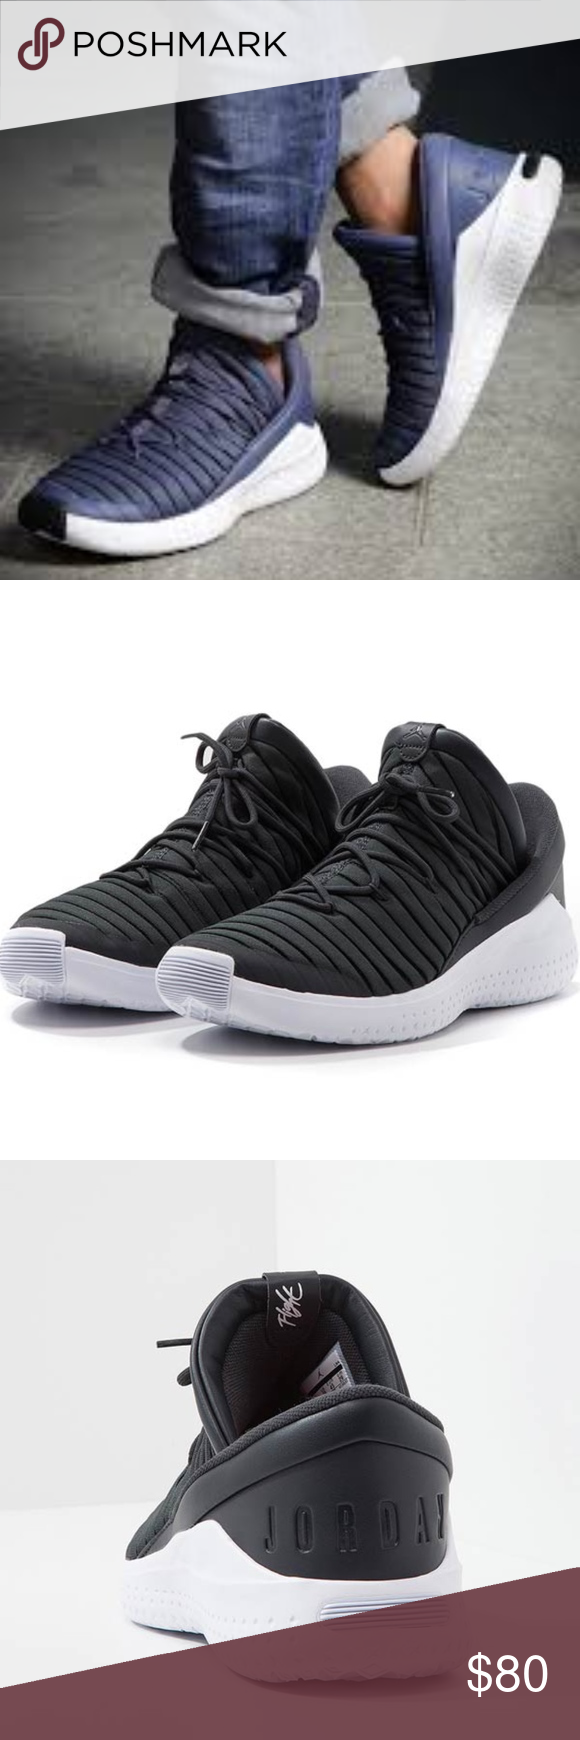 9045ec83f53 Jordan Flight Luxe Black Street Walk Sneakers NWT The Jordan Flight Luxe is  a slip-